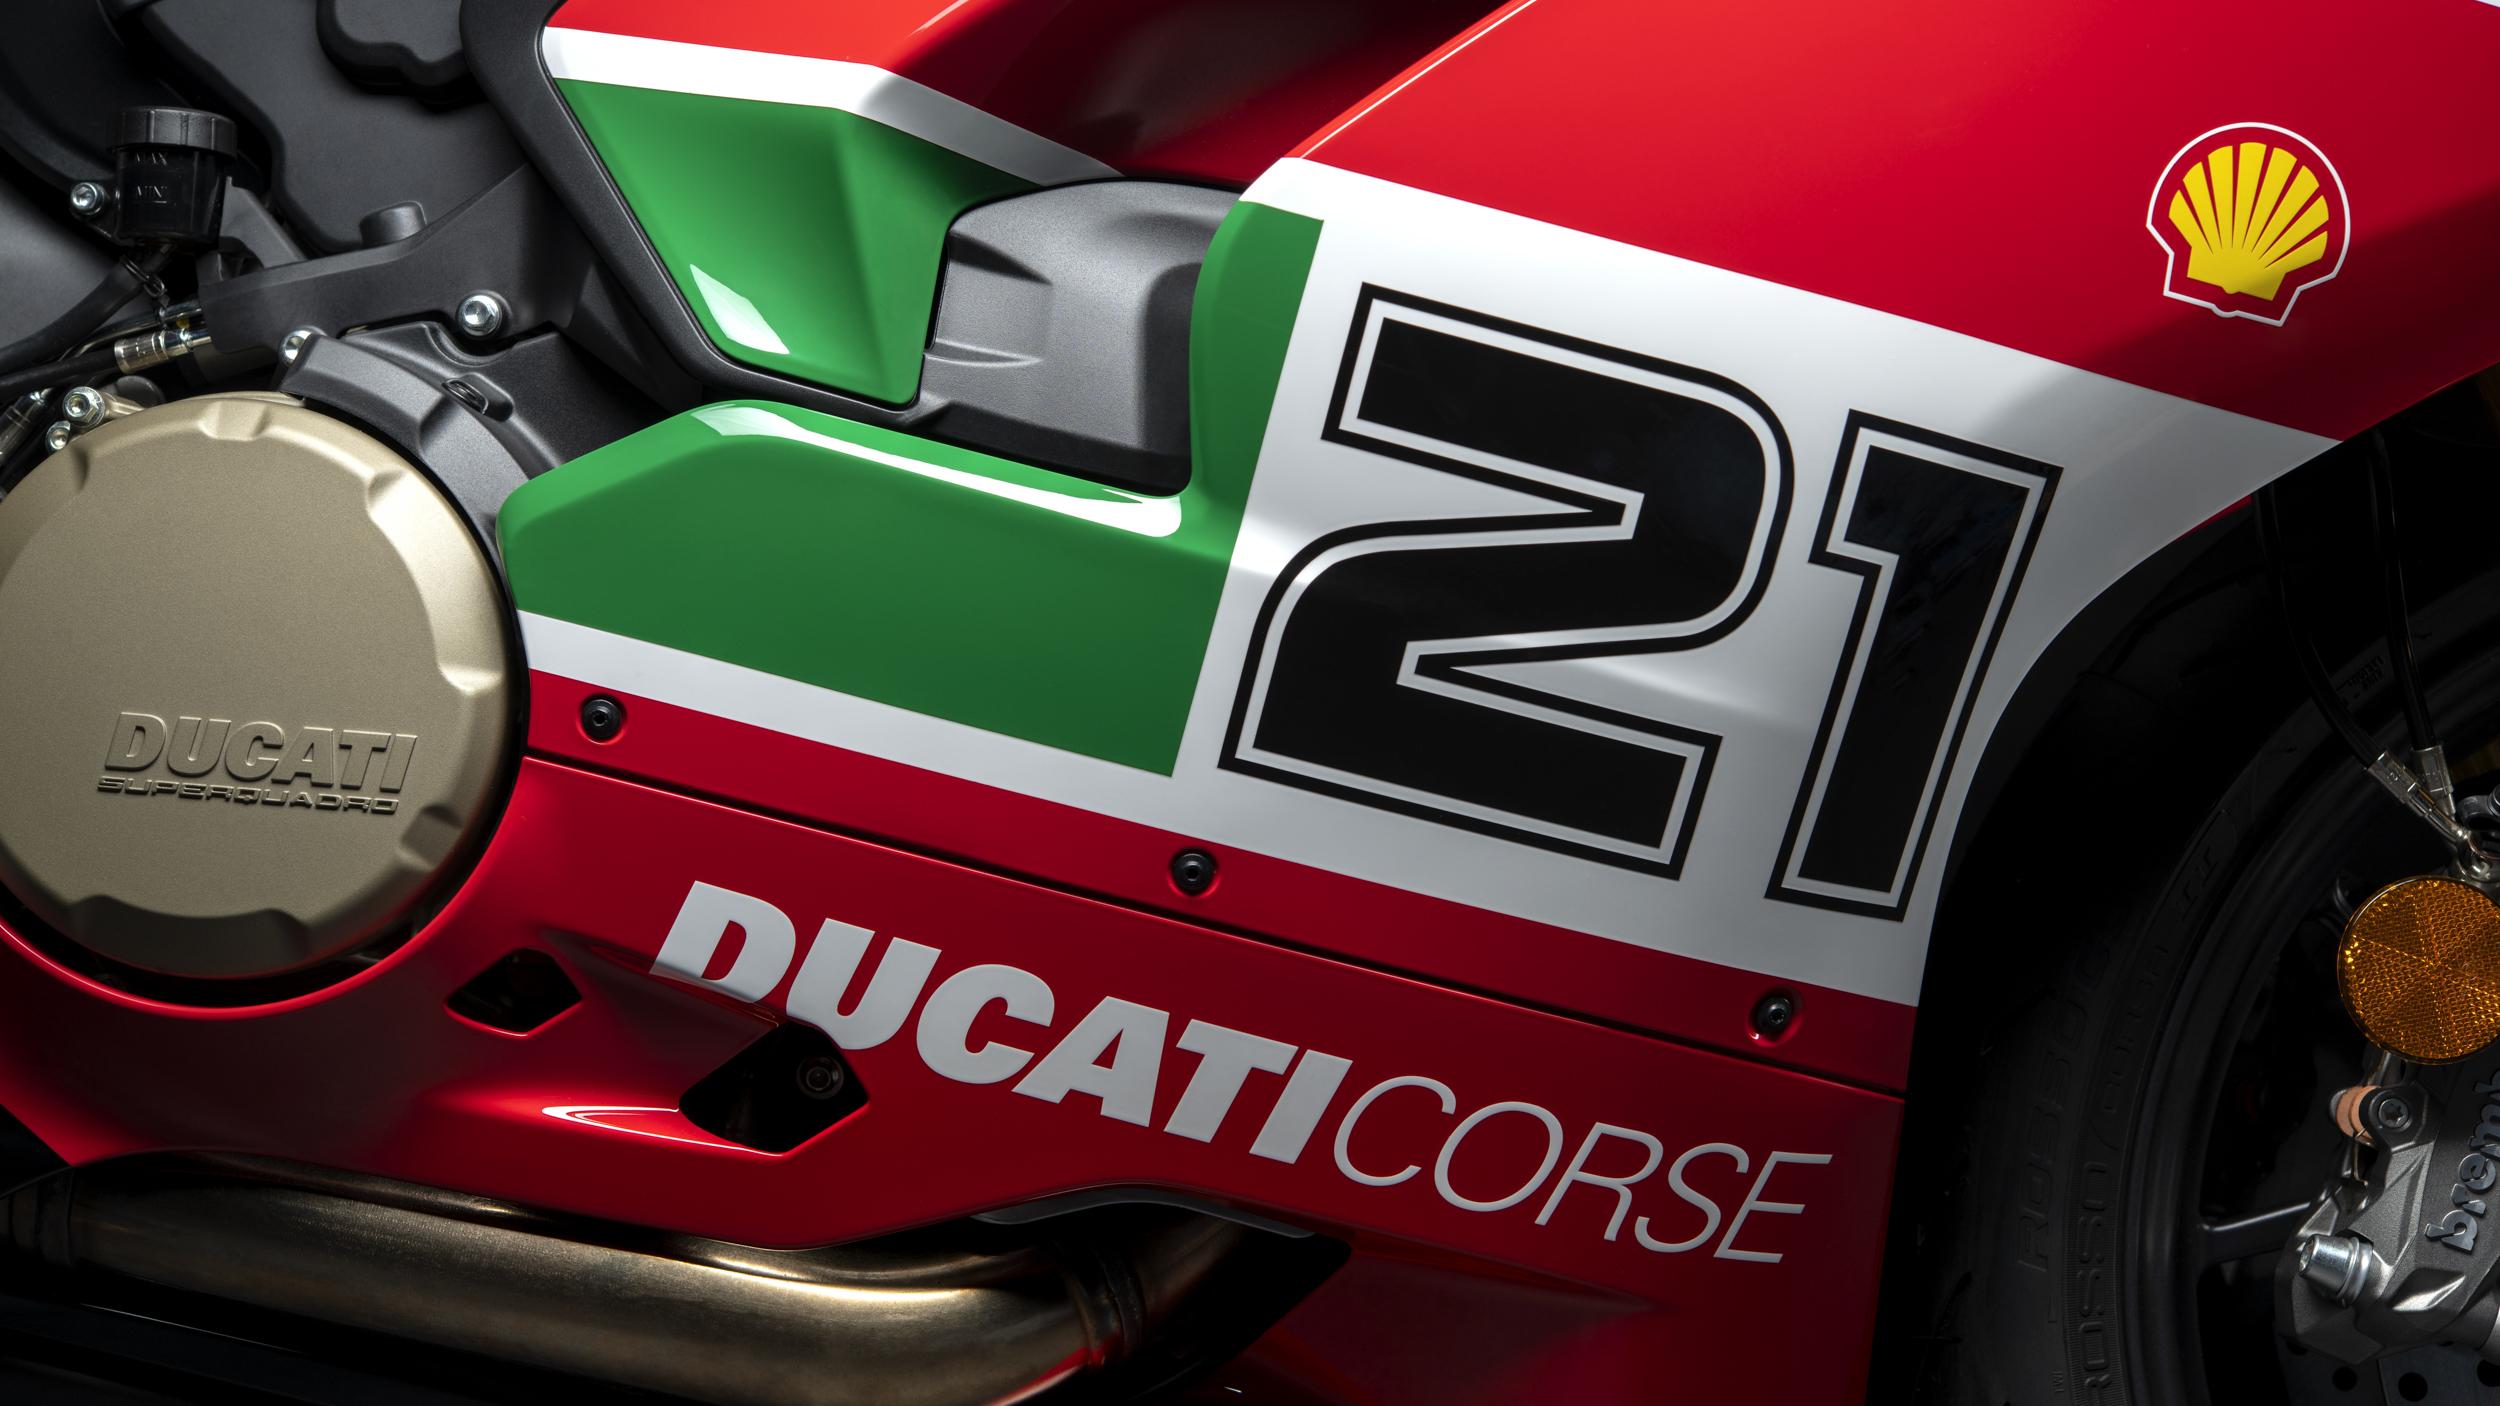 Ducati Panigale V2 Bayliss 1st Championship 20th Anniversary Un omaggio ad un gigante del motociclismo